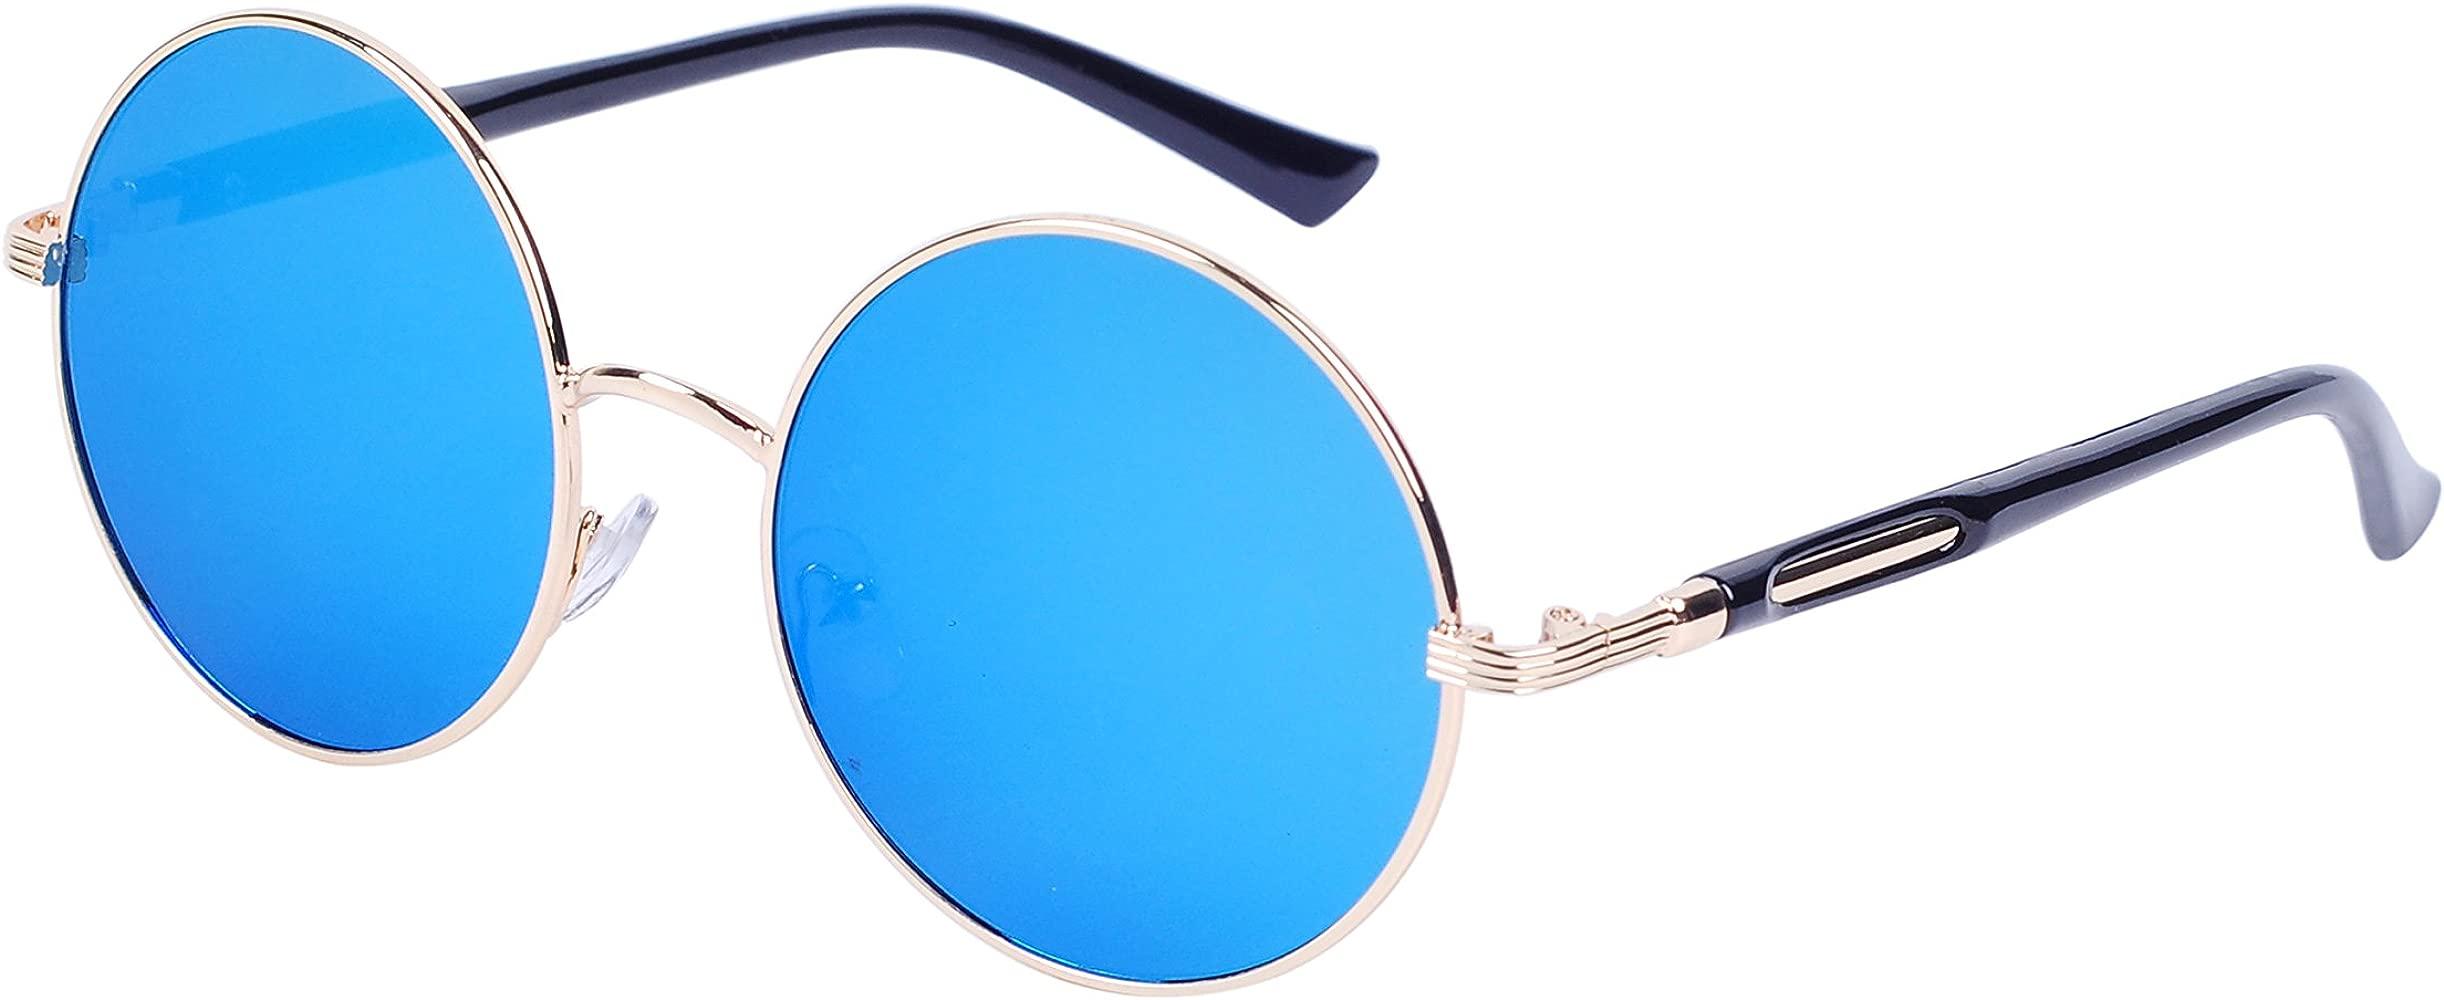 Qixuan QIXU Gafas de Sol Redondas Mujer Lente Efecto Espejo Antirreflejante UV400 Vintage Retro Inspirado Círculo Metálico con el Caso